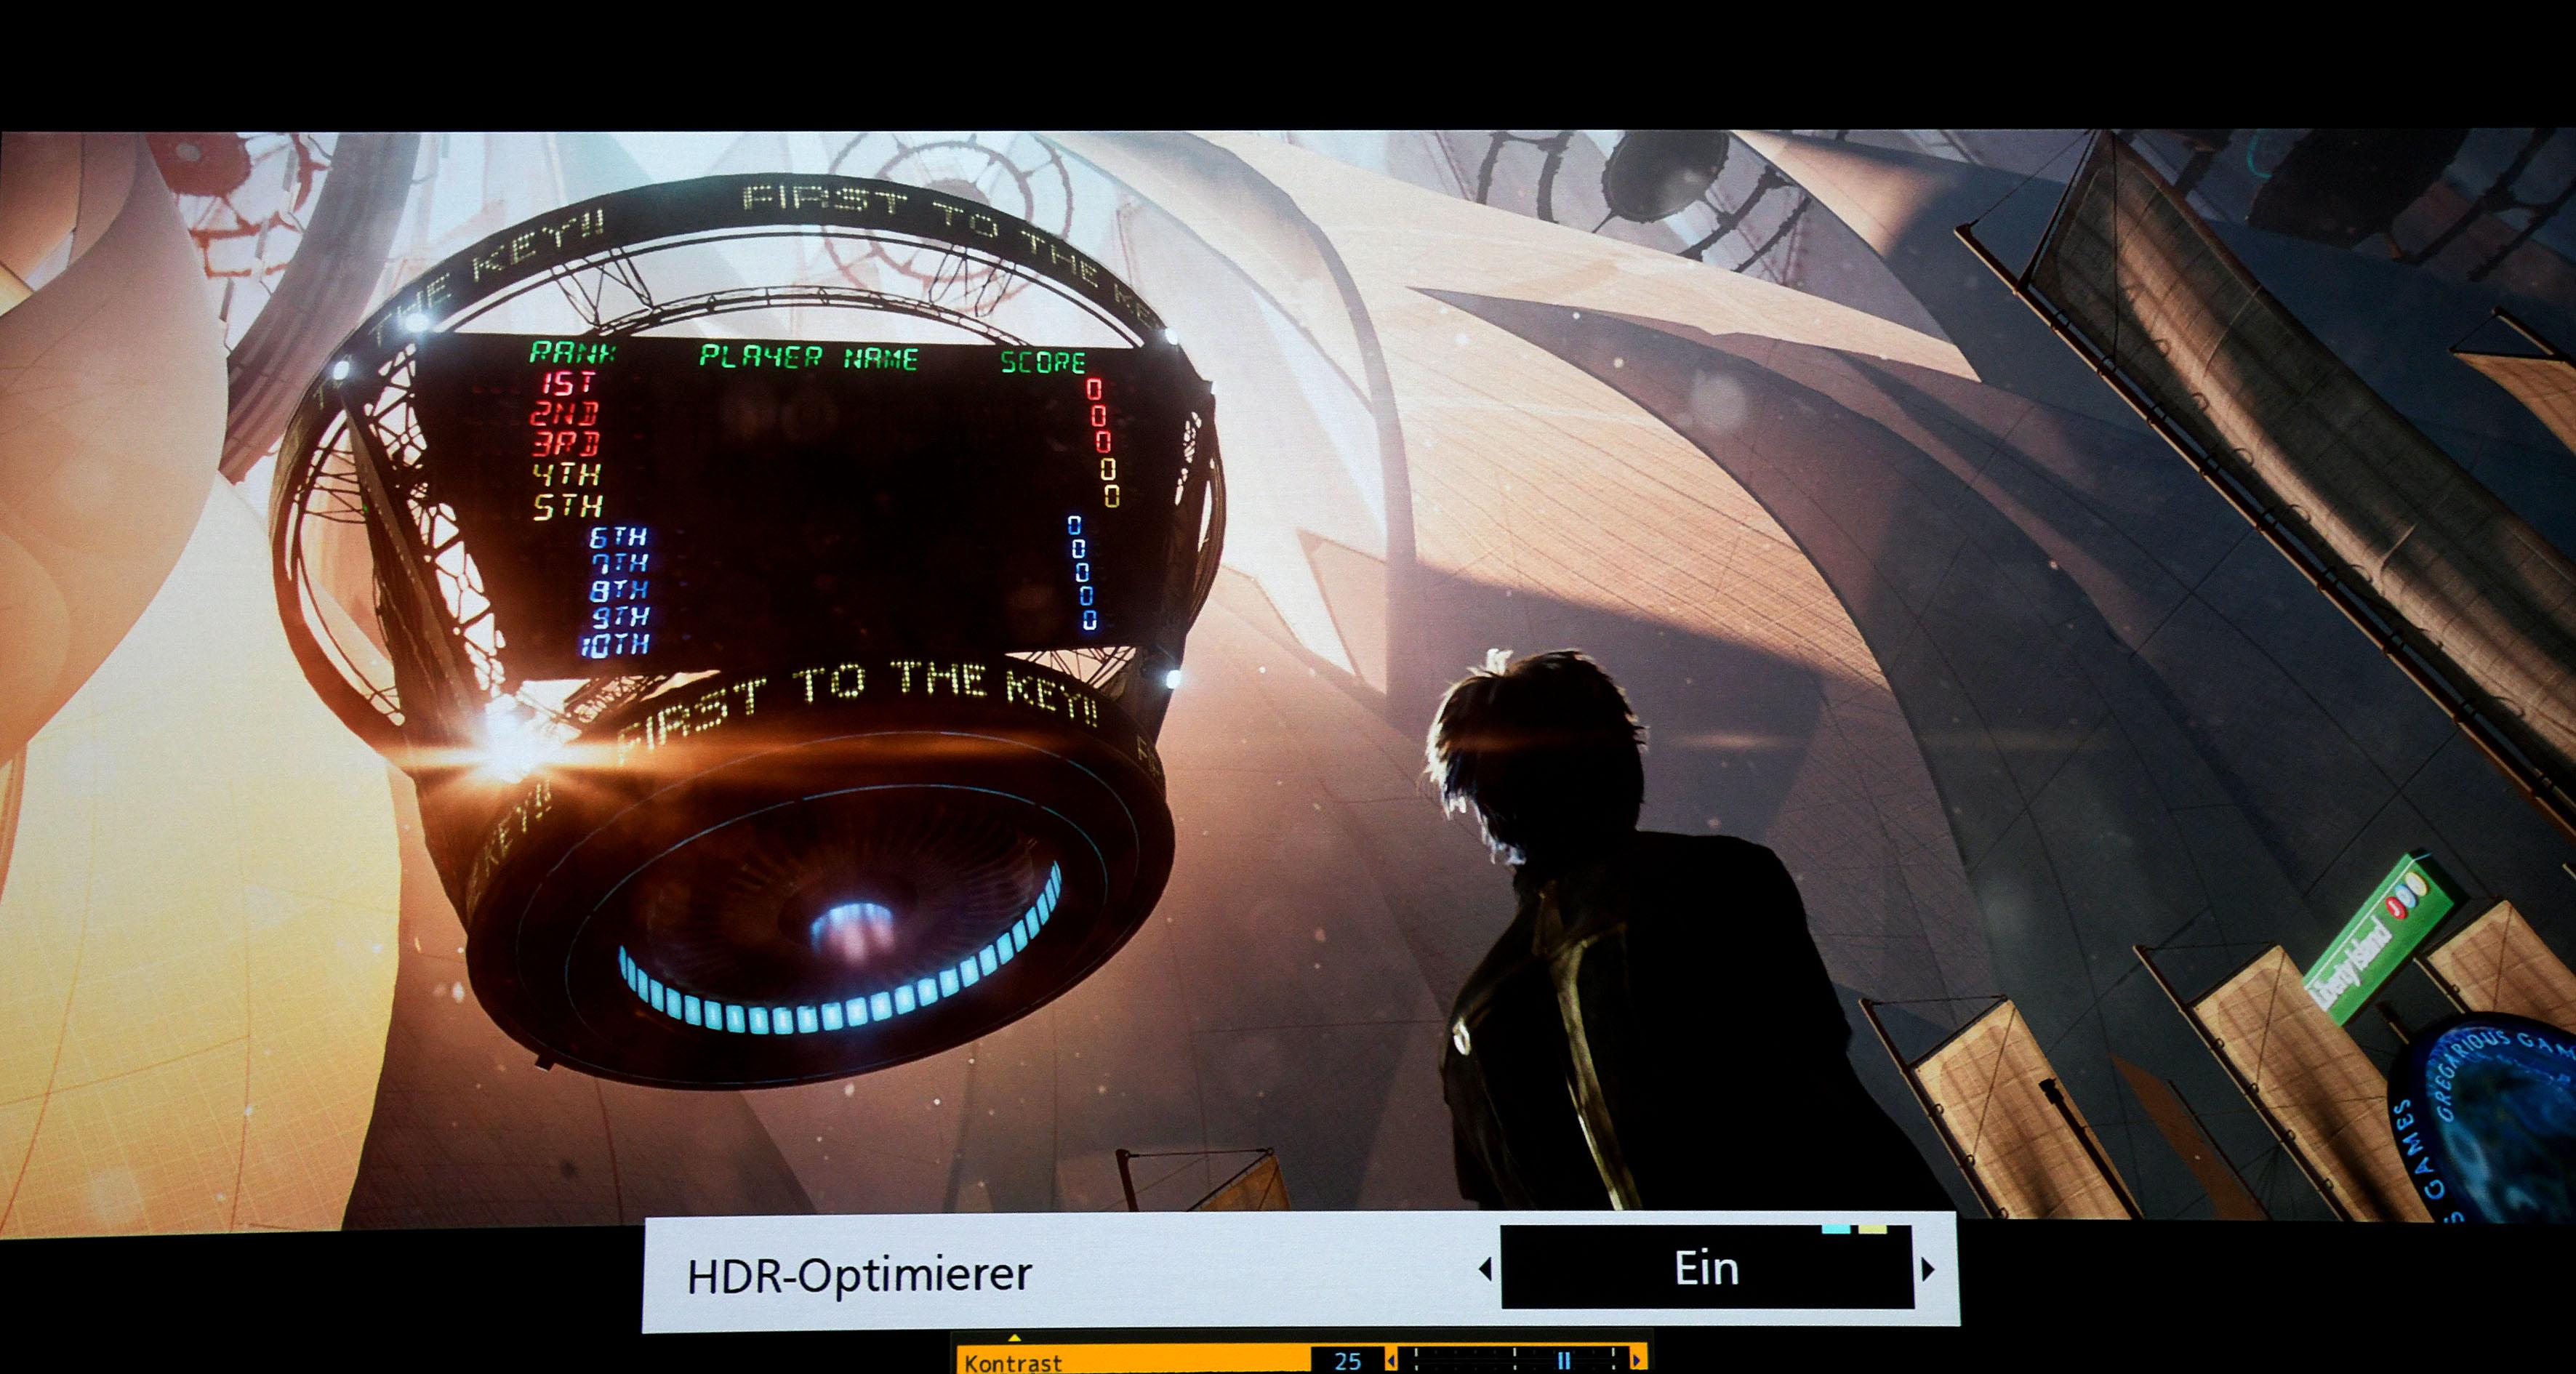 """Ready Player One – Dieser Spielfilm hat sehr viele Inhalte, die heller dargestellt werden sollen, als es ein Projektor im Heimbereich kann. Via Tone Mapping auf 500 Nits werden alle Bildsignale reproduziert. Dafür muss bei den Panasonic-Playern lediglich der HDR-Optimizer """"Ein"""" geschaltet werden."""